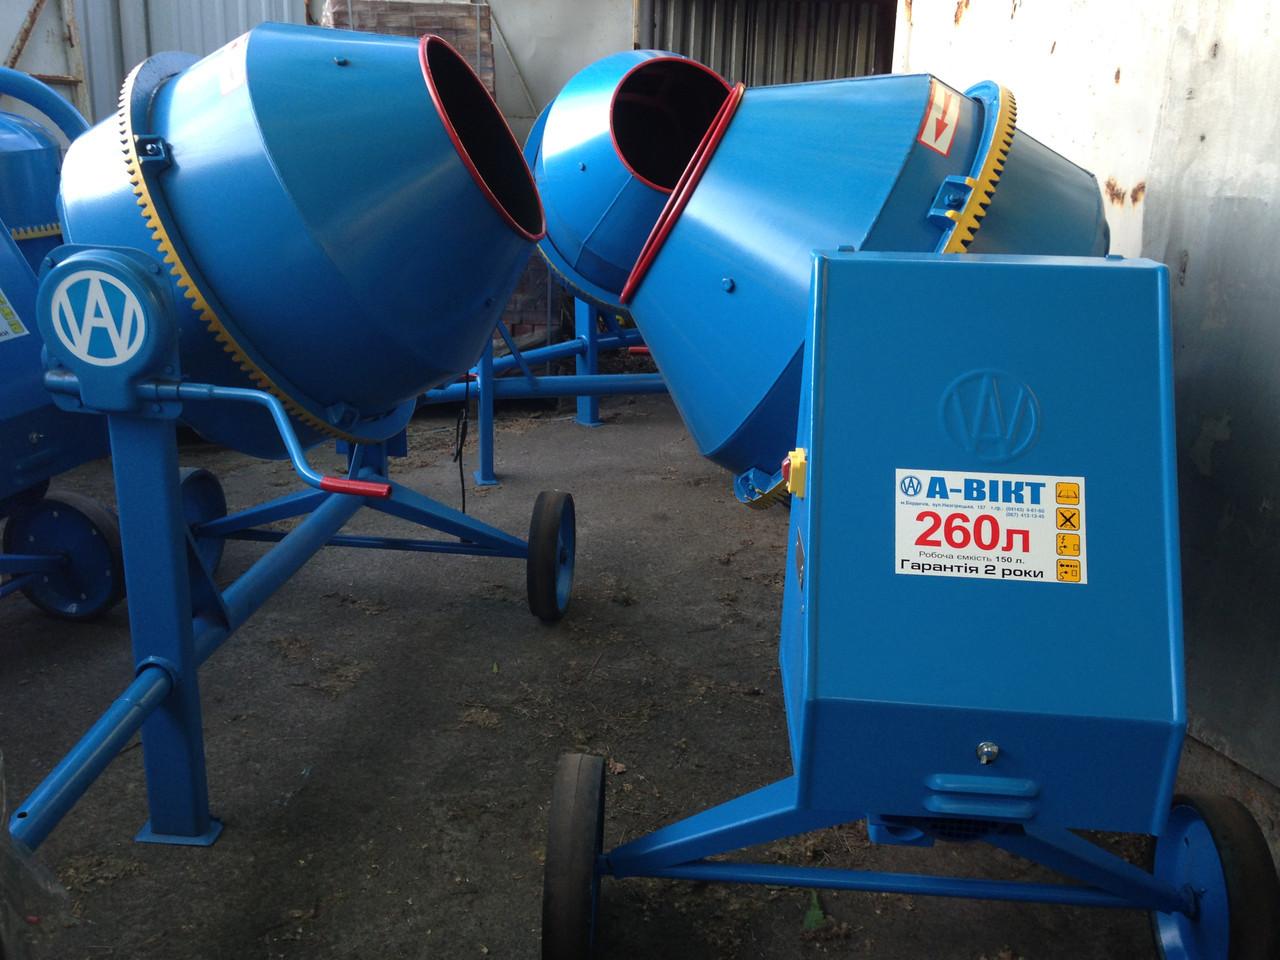 Бетономешалка А-Викт BWA 260/150 литров на 380 Вольт